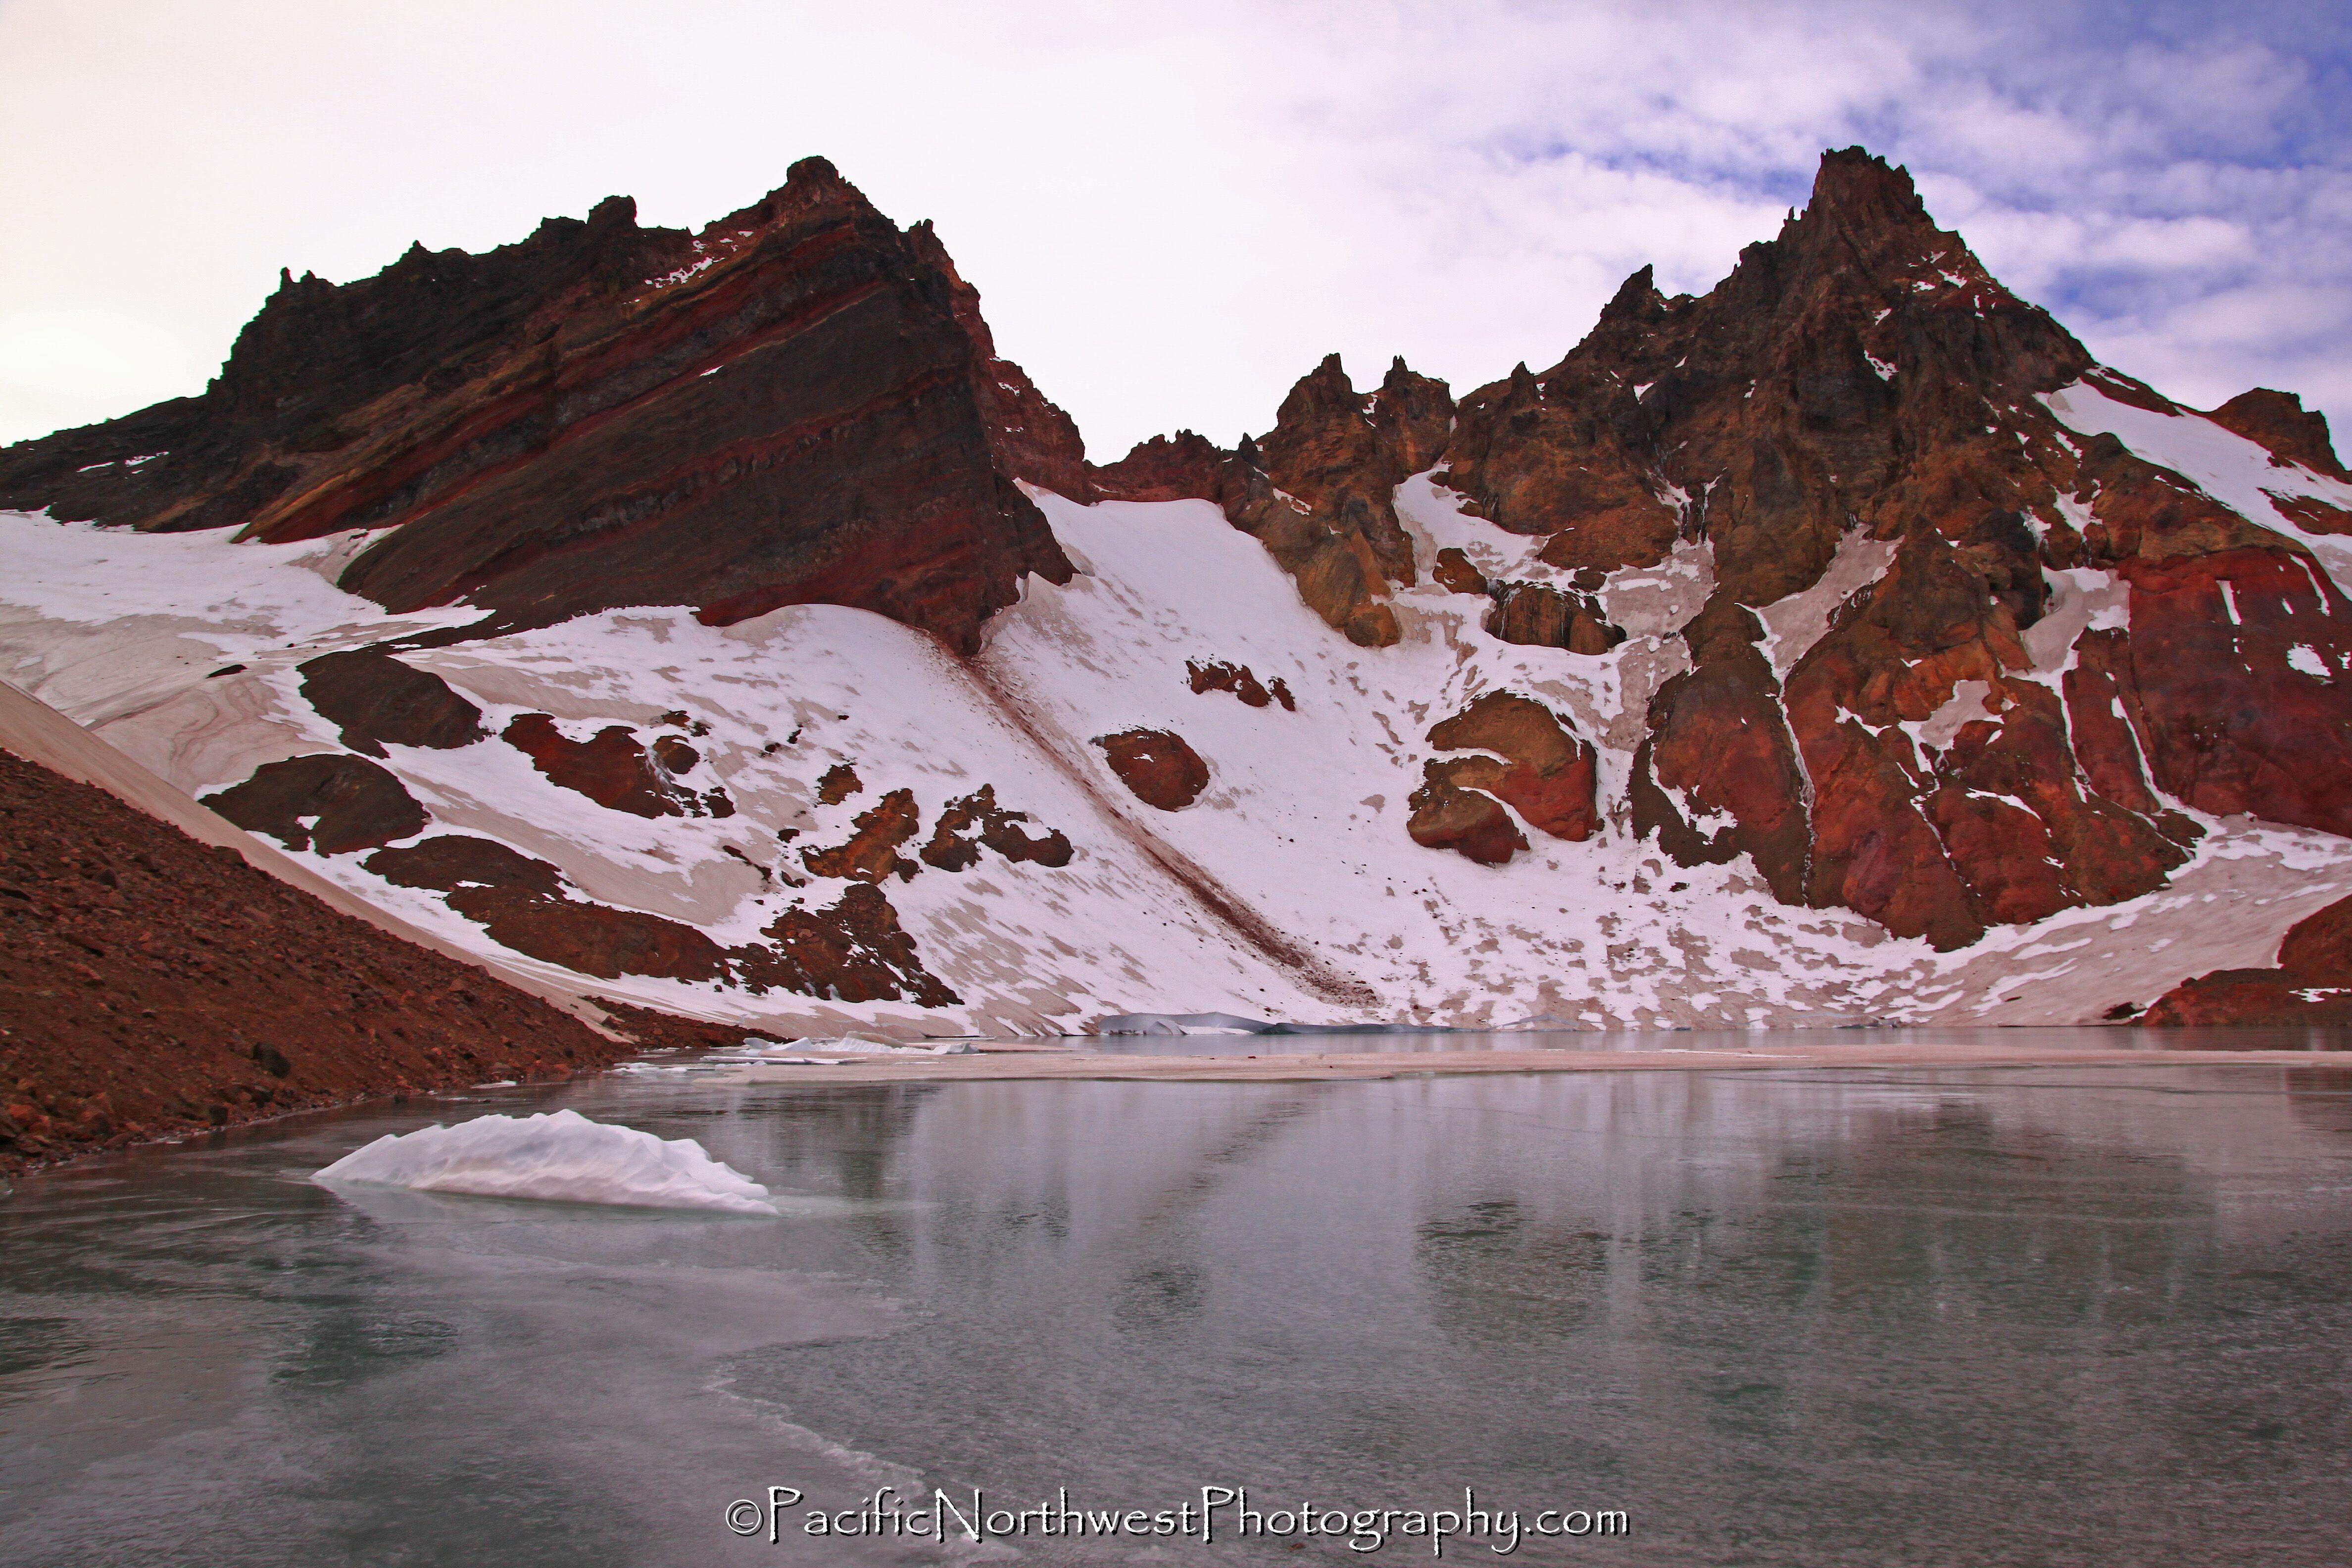 Volcano, glacier and frozen alpine lake